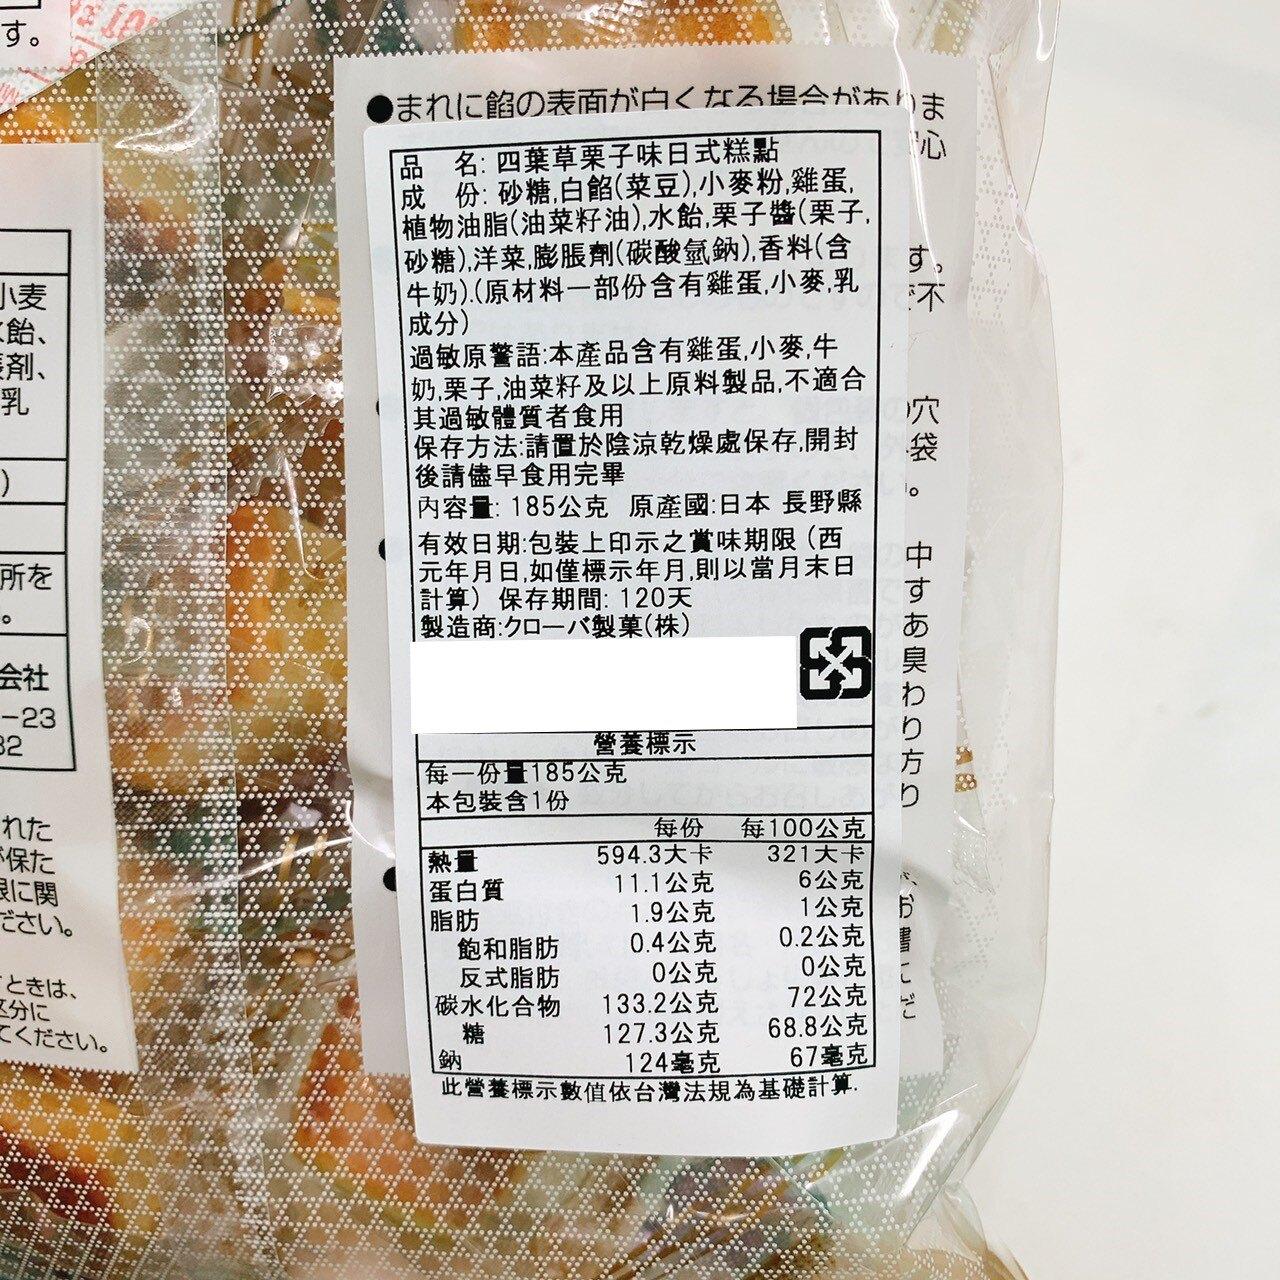 四葉草栗子糕點 栗子甜點 栗子糕點 185g 栗子